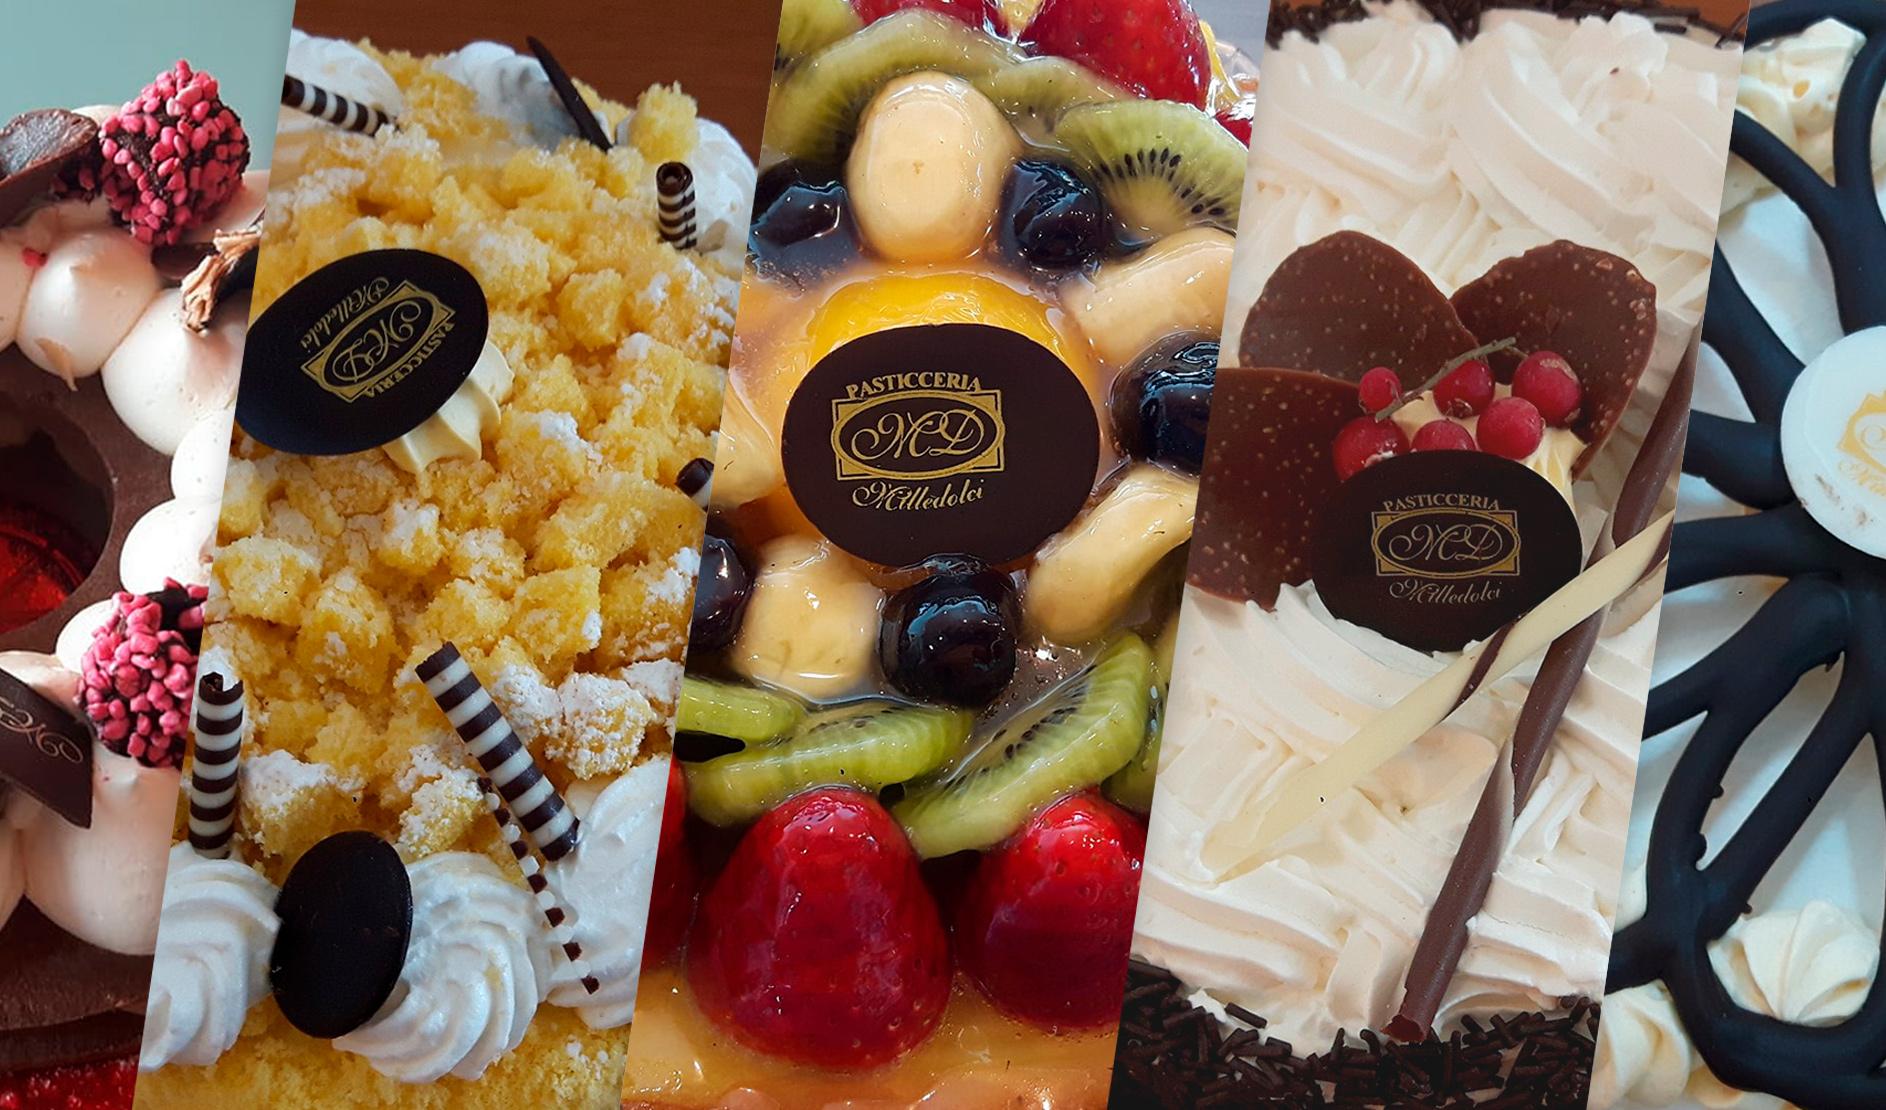 Vendita di prodotti dolciari a gubbio